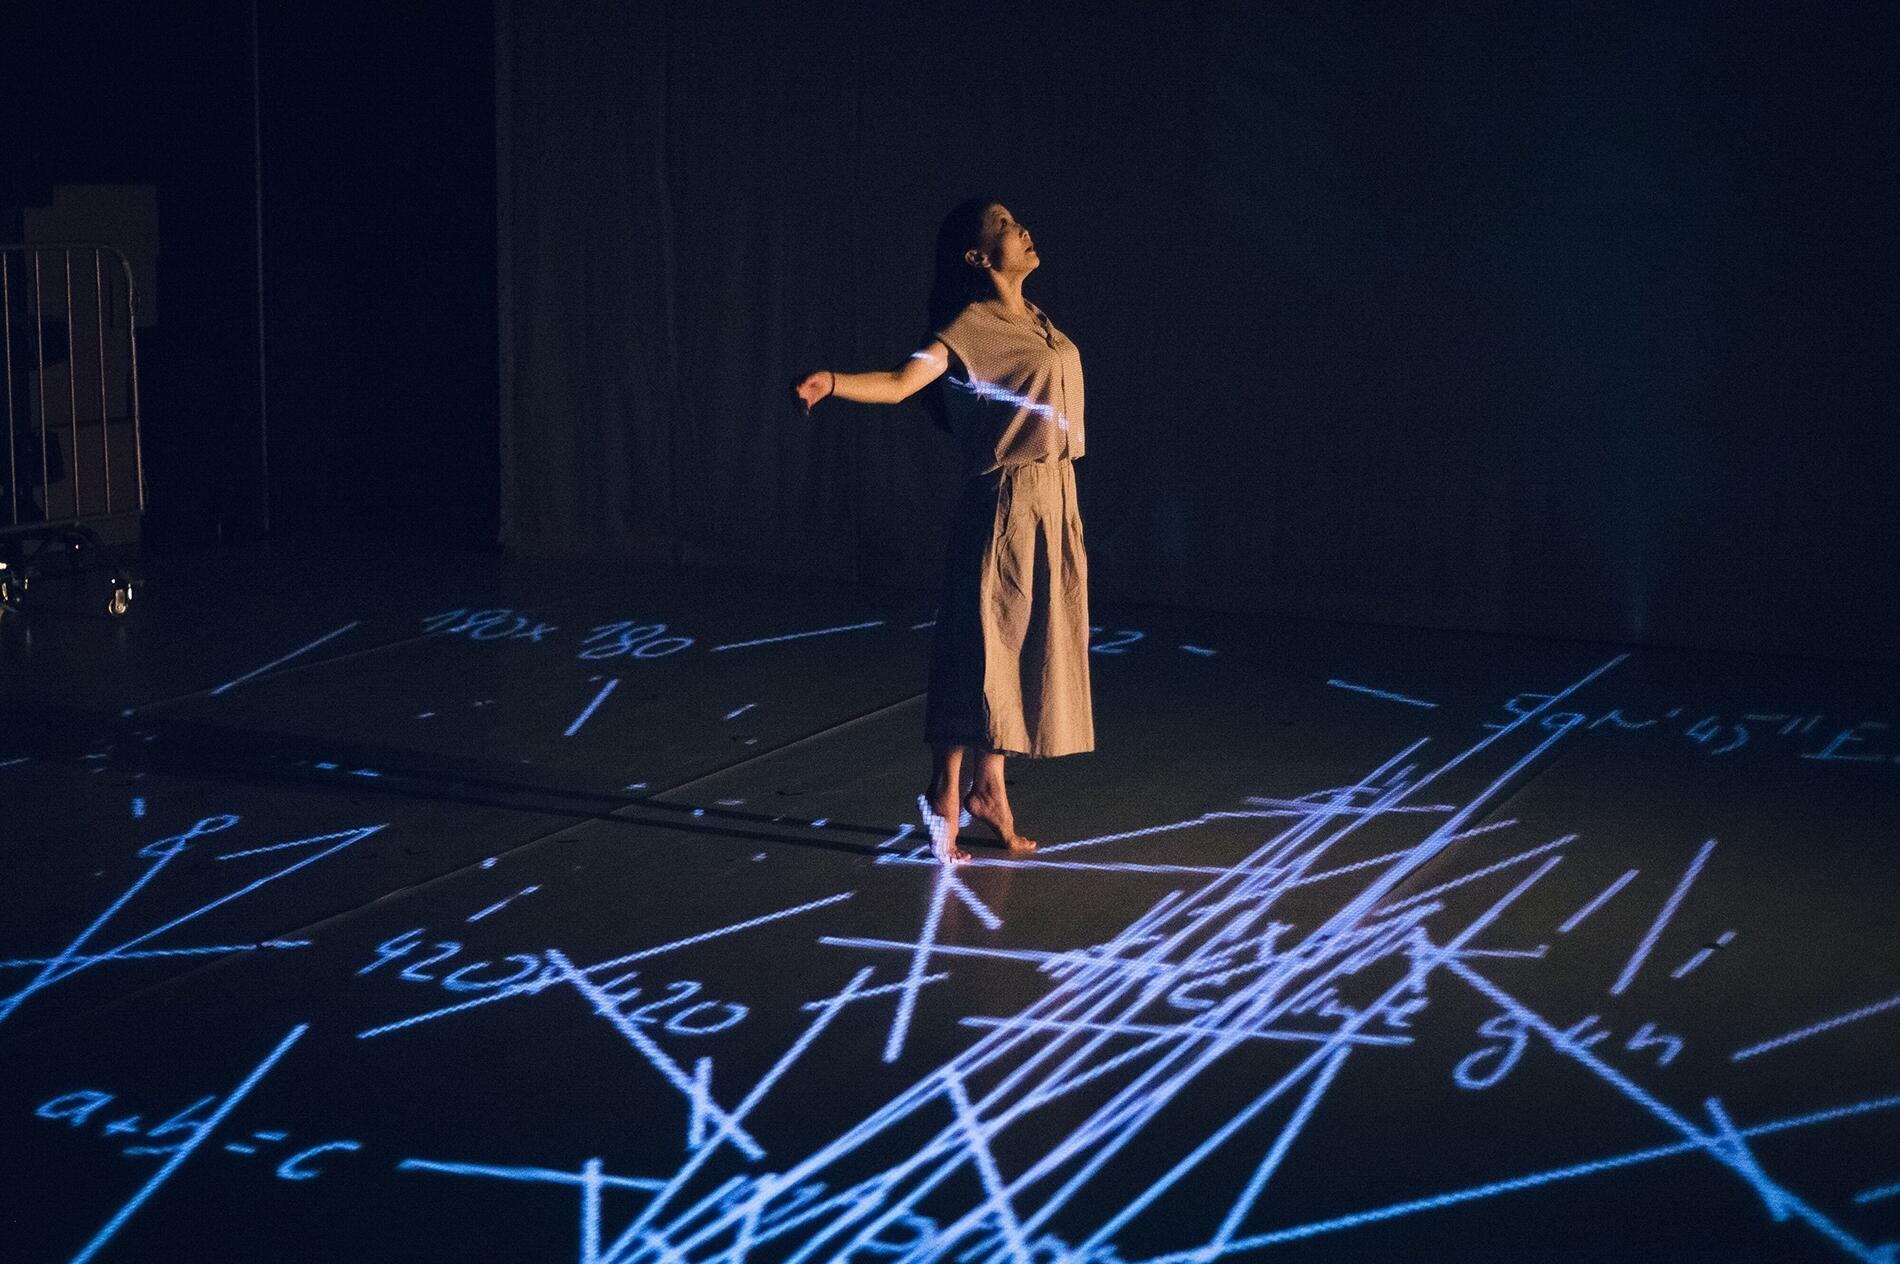 中國藝術家文慧作品《陌生人》劇照。